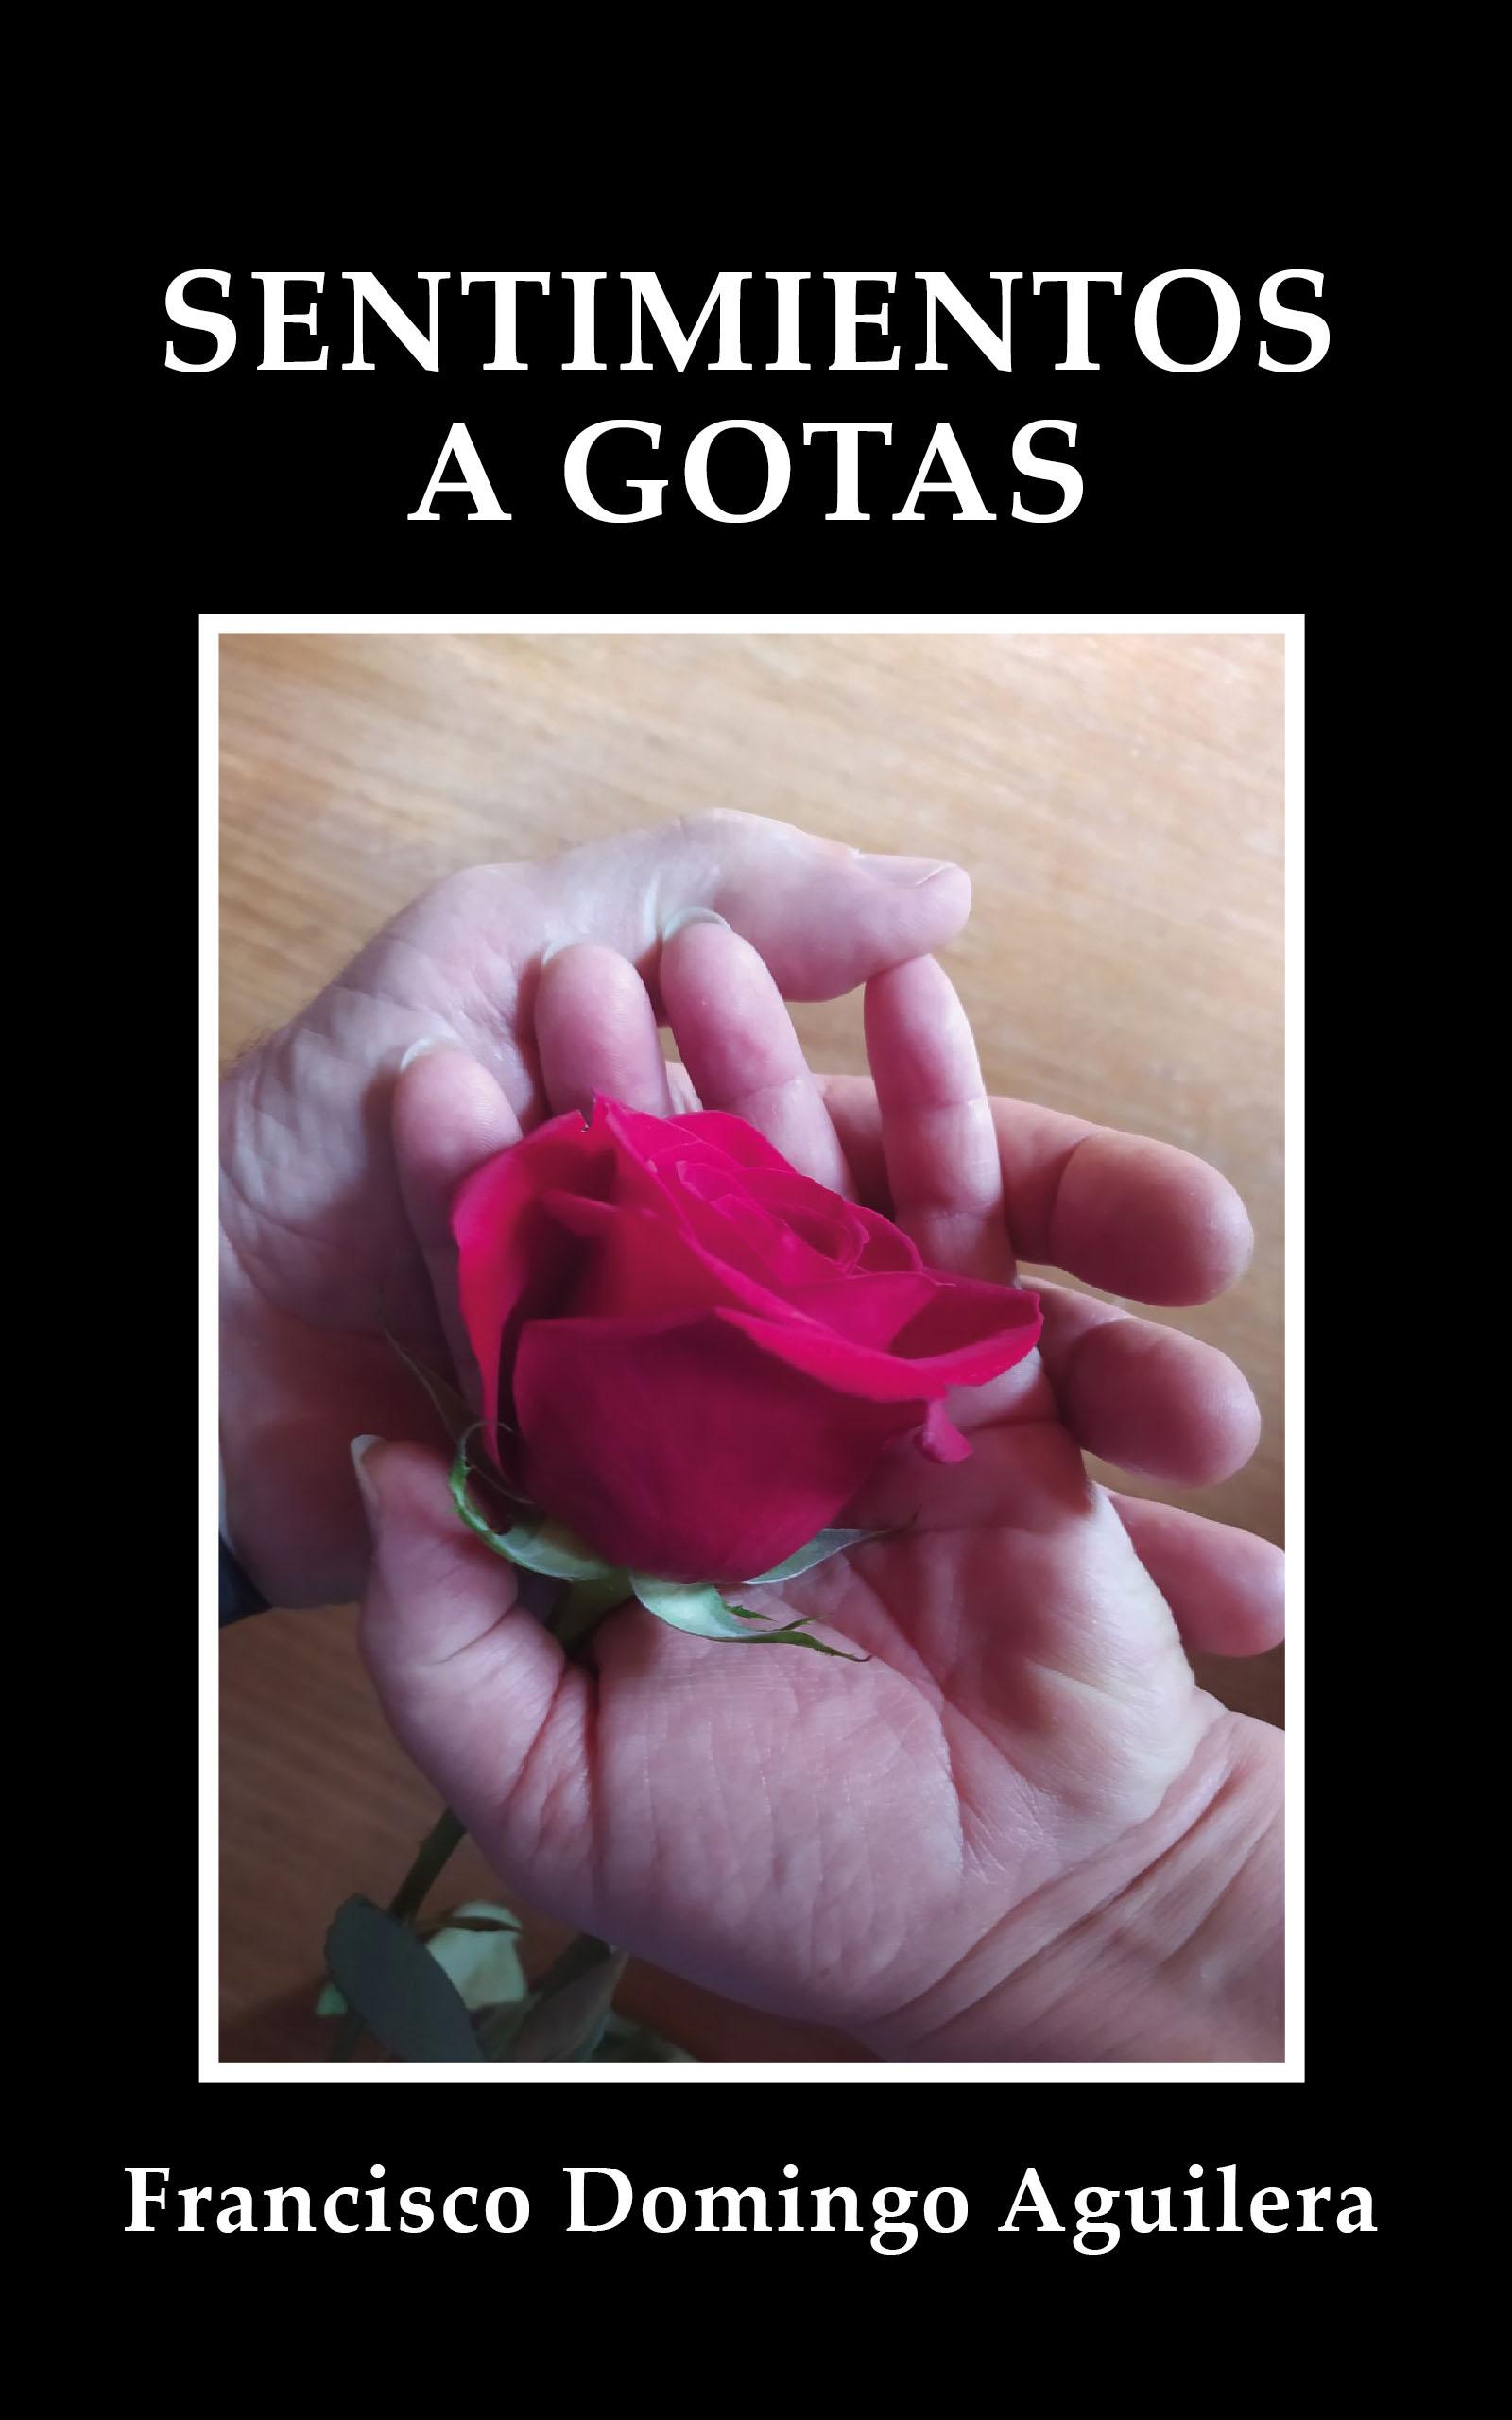 Sentimientos a gotas, de Francisco Domingo Aguilera